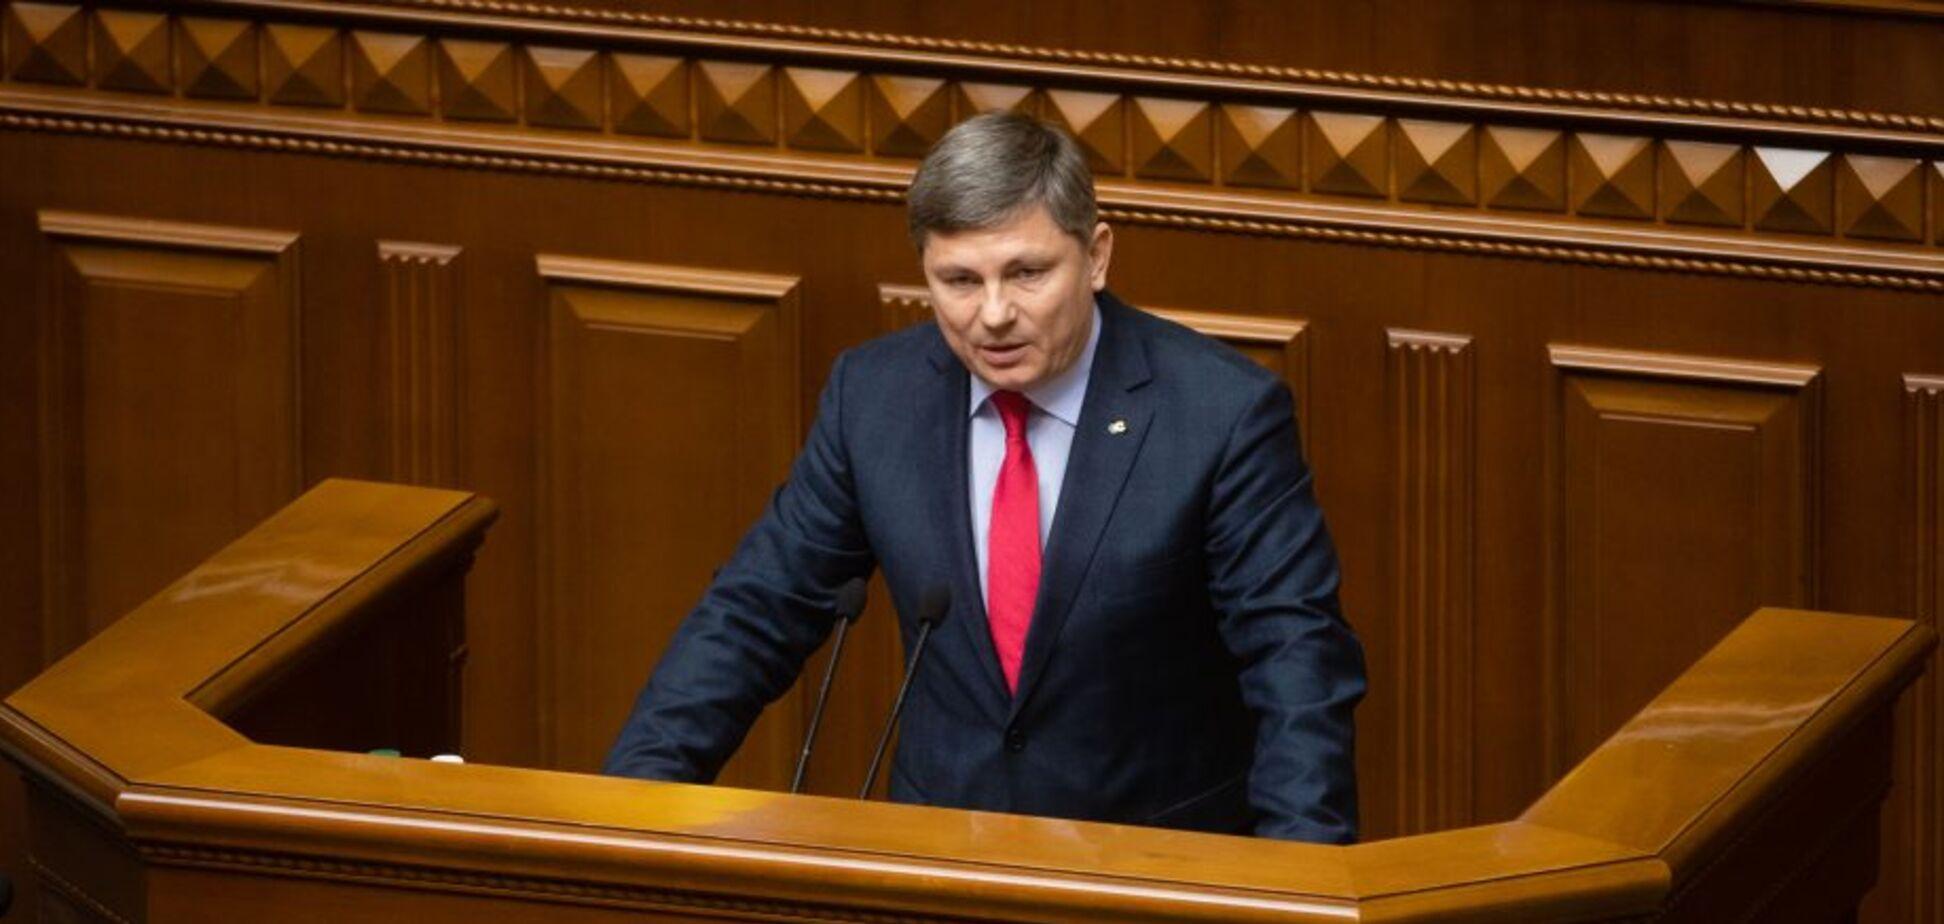 У Порошенка закликали нардепів висловити недовіру уряду: остаточно доб'ють країну!